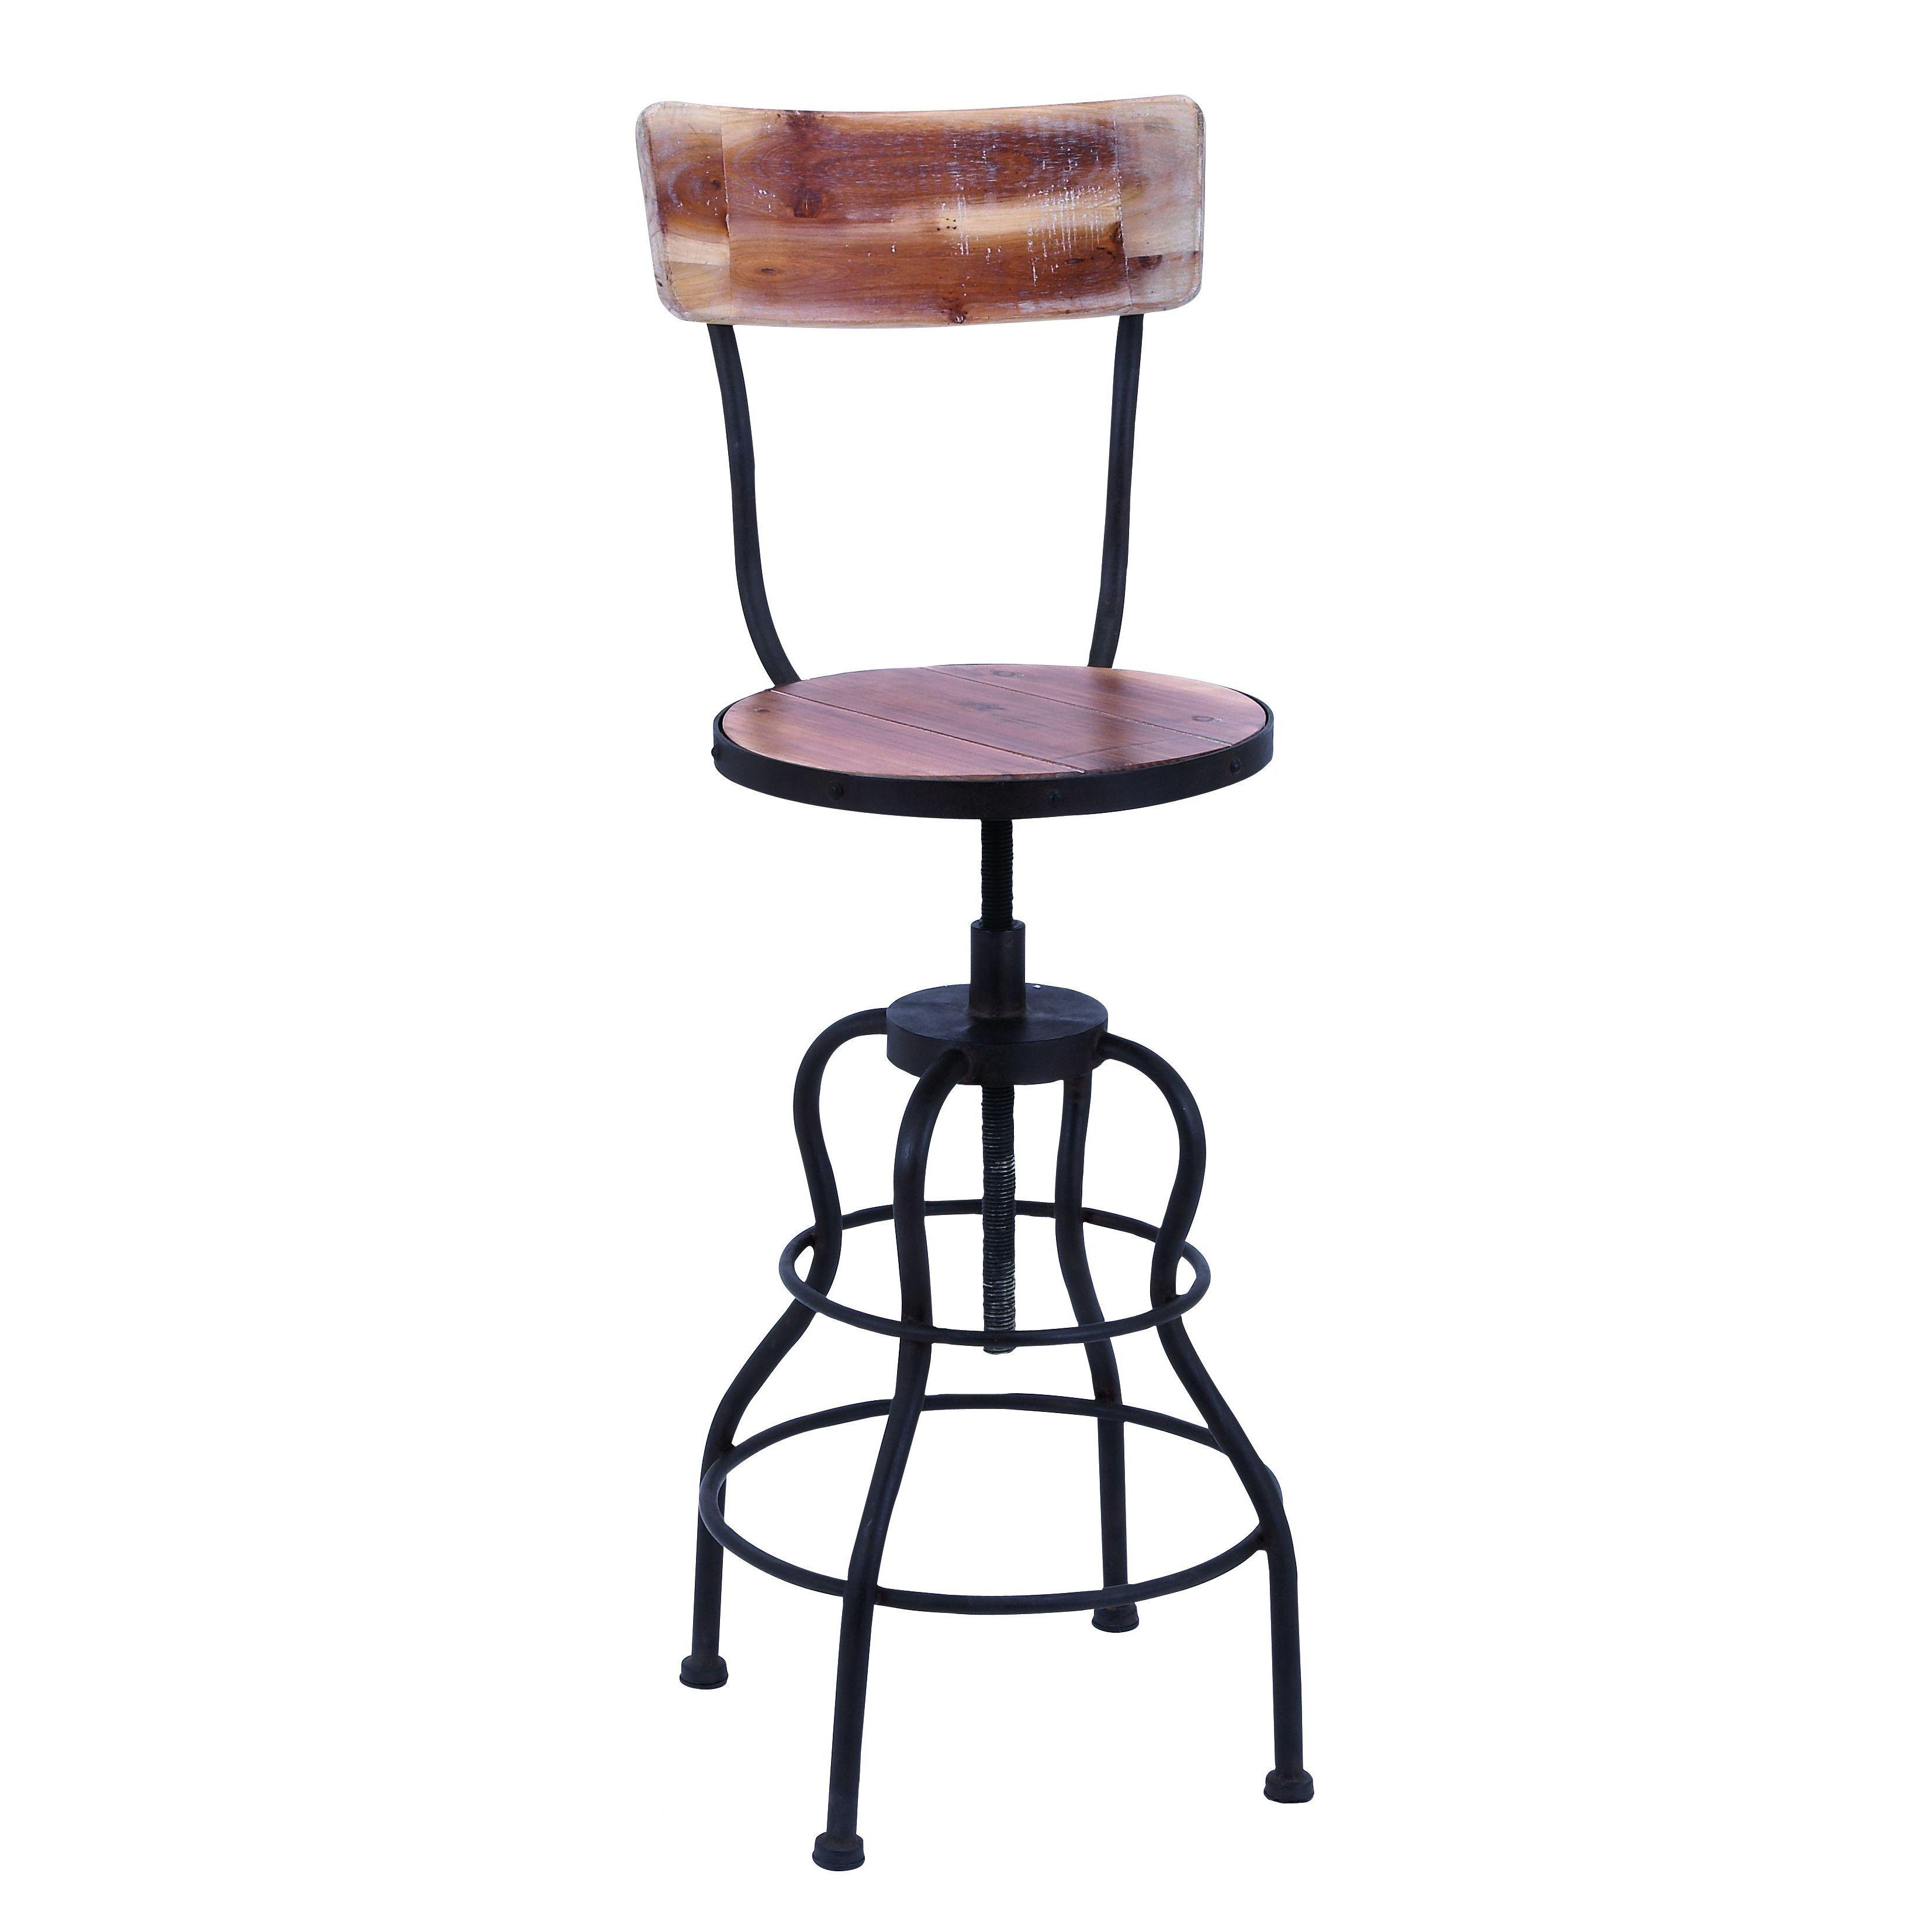 Uma Enterprises Harmon Adjustable Height Swivel Bar Stool Bar Stools Adjustable Bar Stools Rustic Vintage Decor